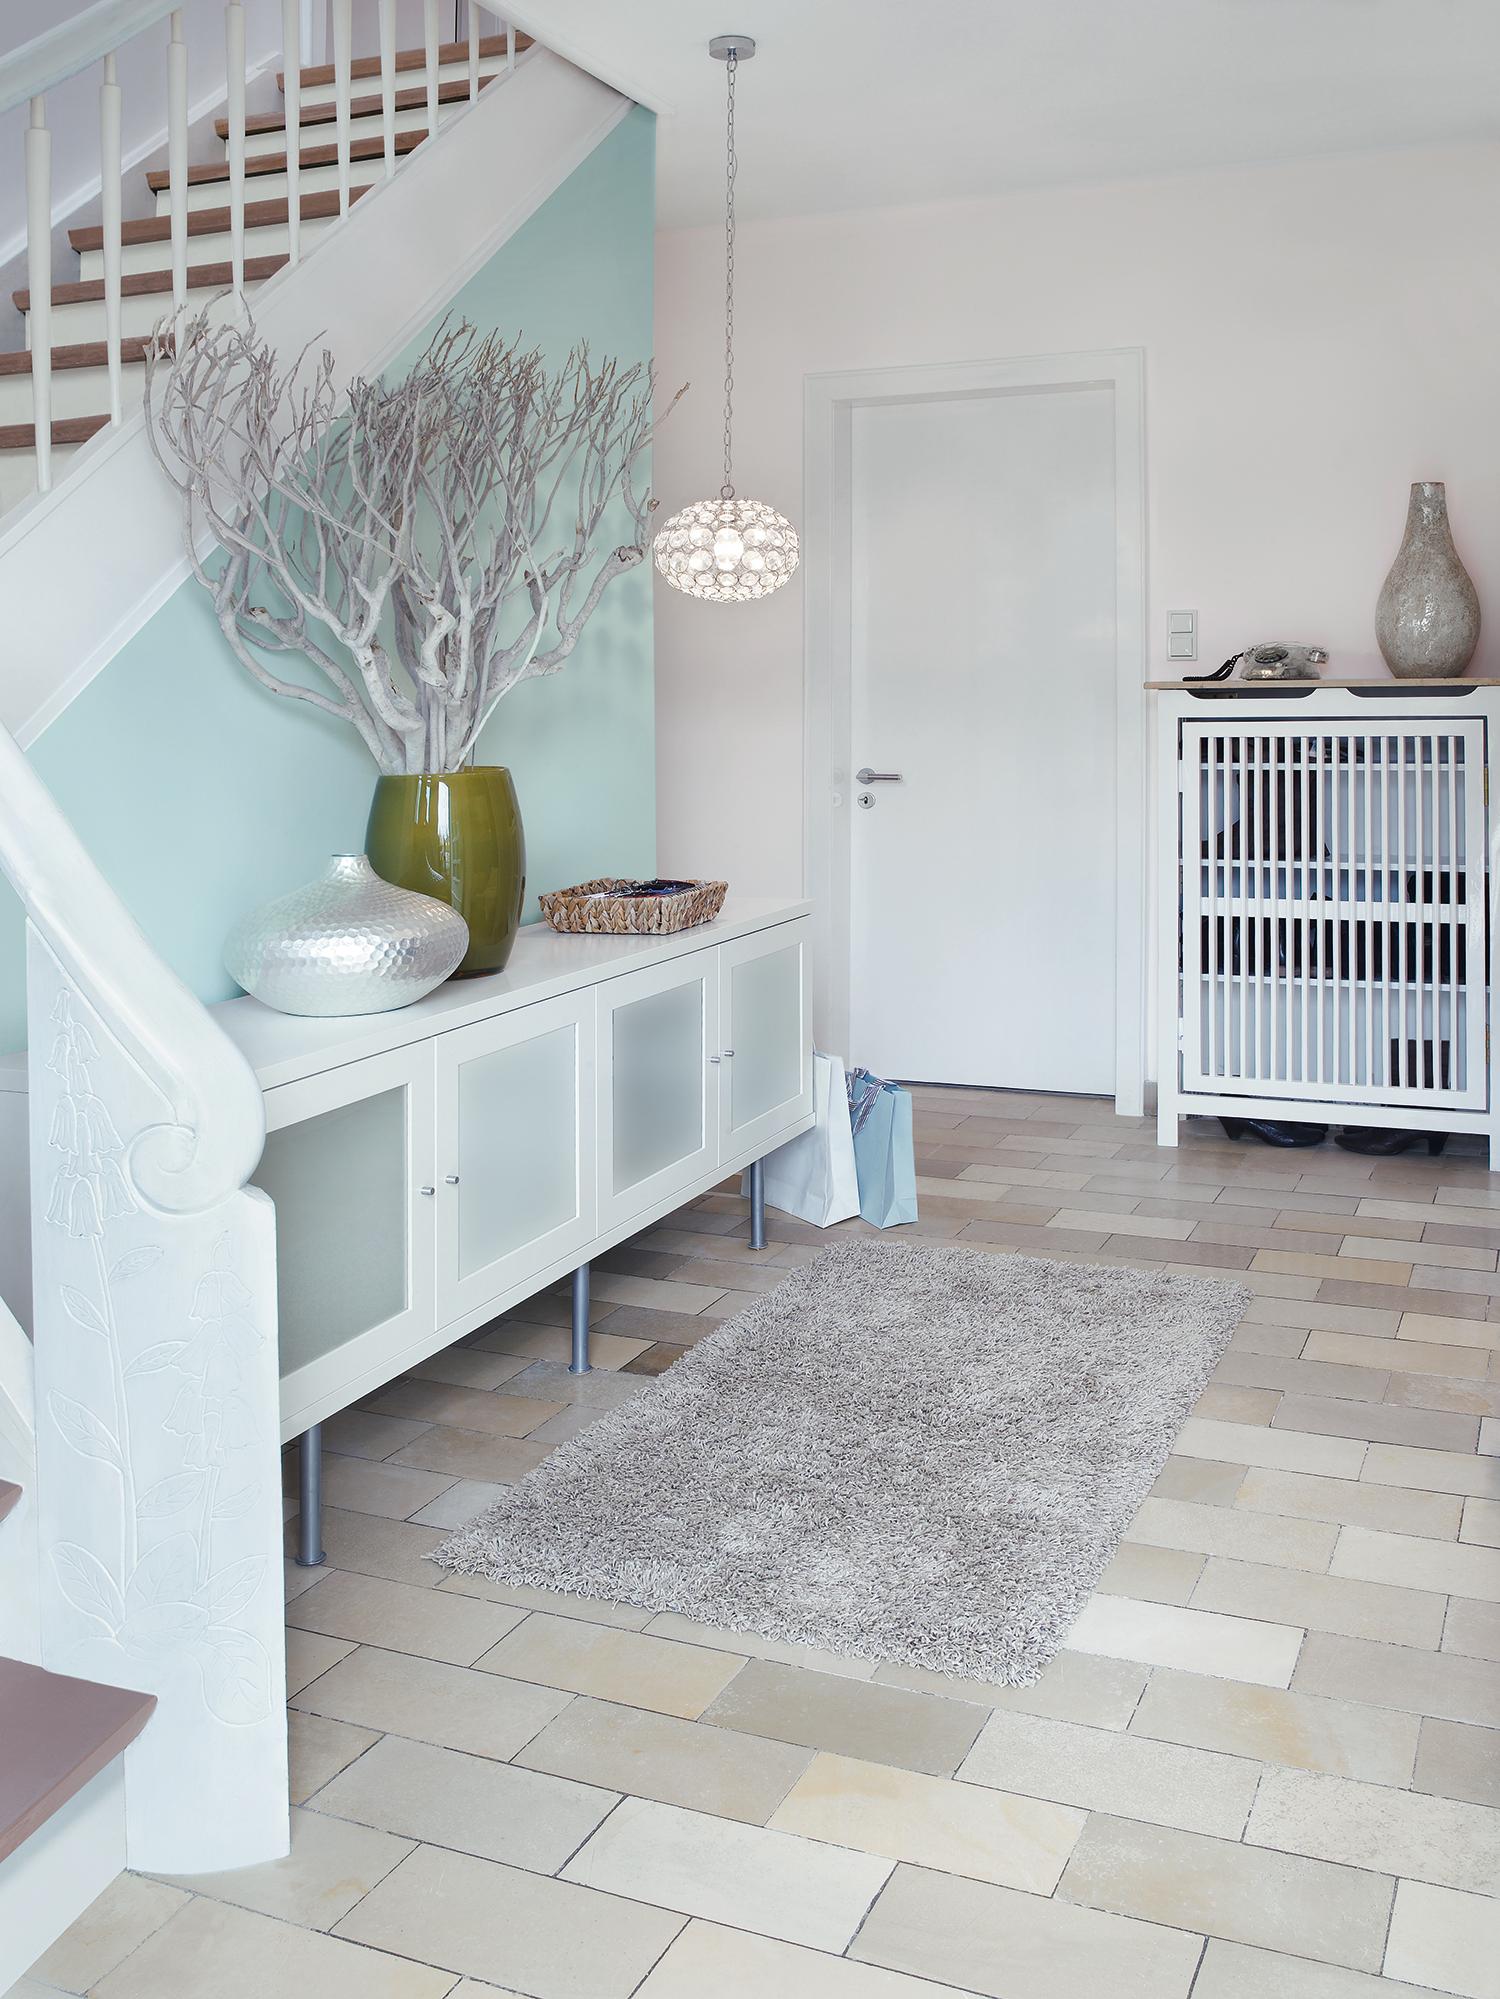 Schoner Wohnen Wandfarbe Trendfarbe Kaufen Bei Bauhaus Um Unseren Online Shop Nutzen Zu Konnen Aktivieren Si In 2020 Bauhaus Wandfarbe Schoner Wohnen Wandfarbe Wohnen